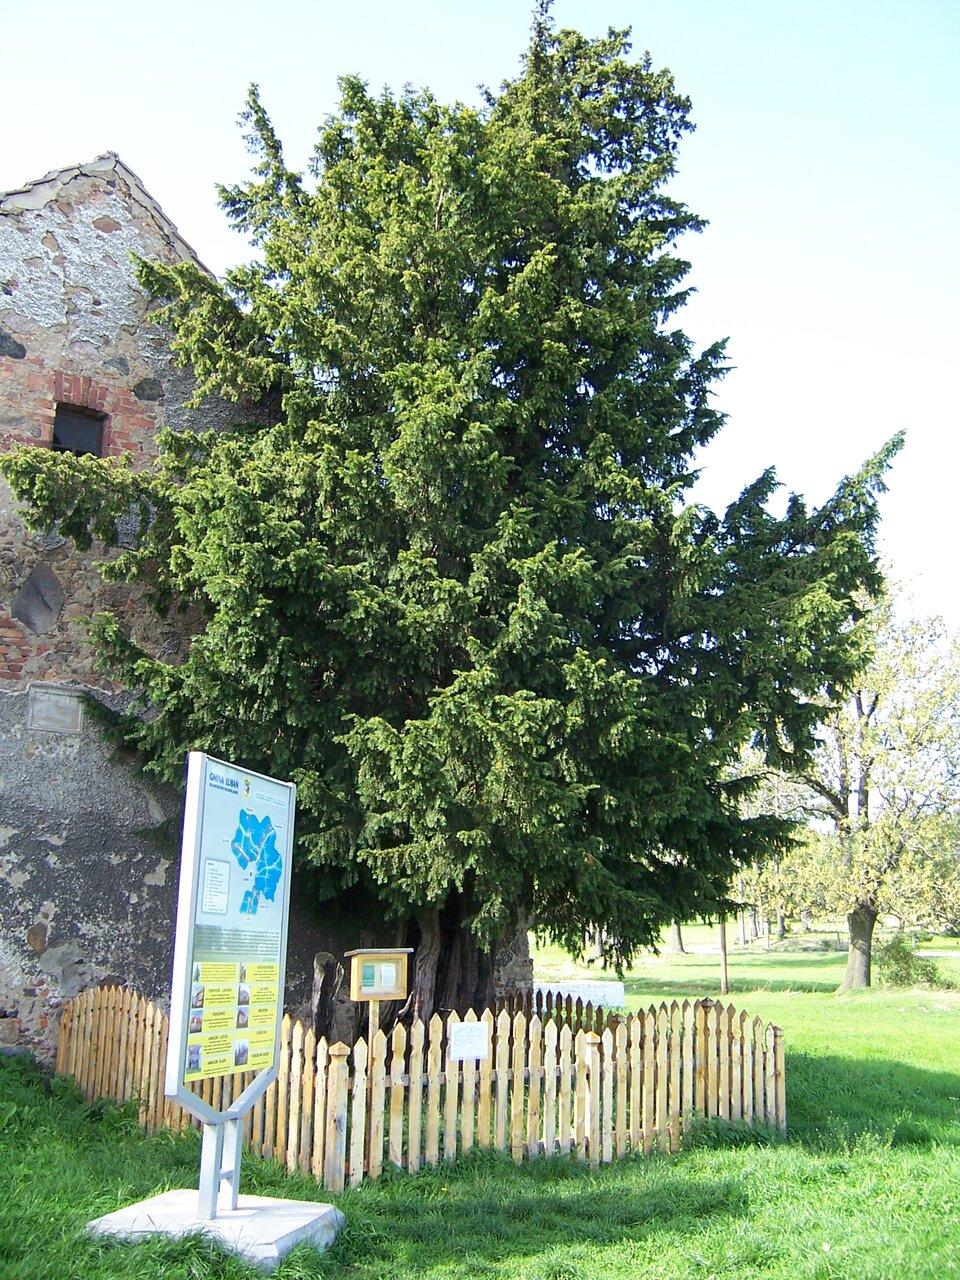 Fotografia przedstawia drzewo, stojące zpłotkiem przy murze budynku. Przed nim tablica informacyjna. Jest to najstarsze wPolsce drzewo, cis wHenrykowie Lubańskim wwojewództwie dolnośląskim.